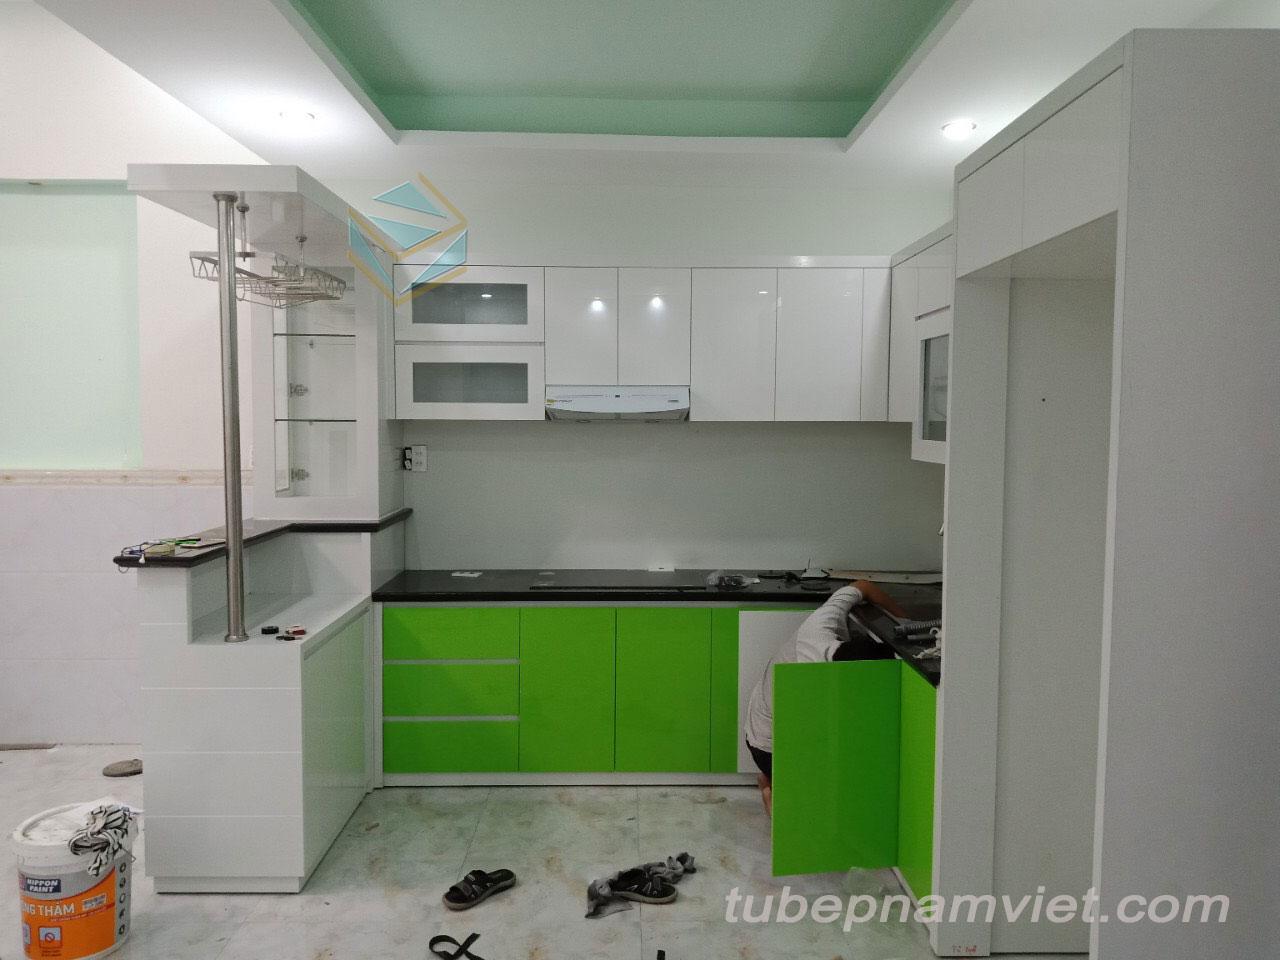 Tủ bếp hiện đai kết hợp quầy bar mini đẹp